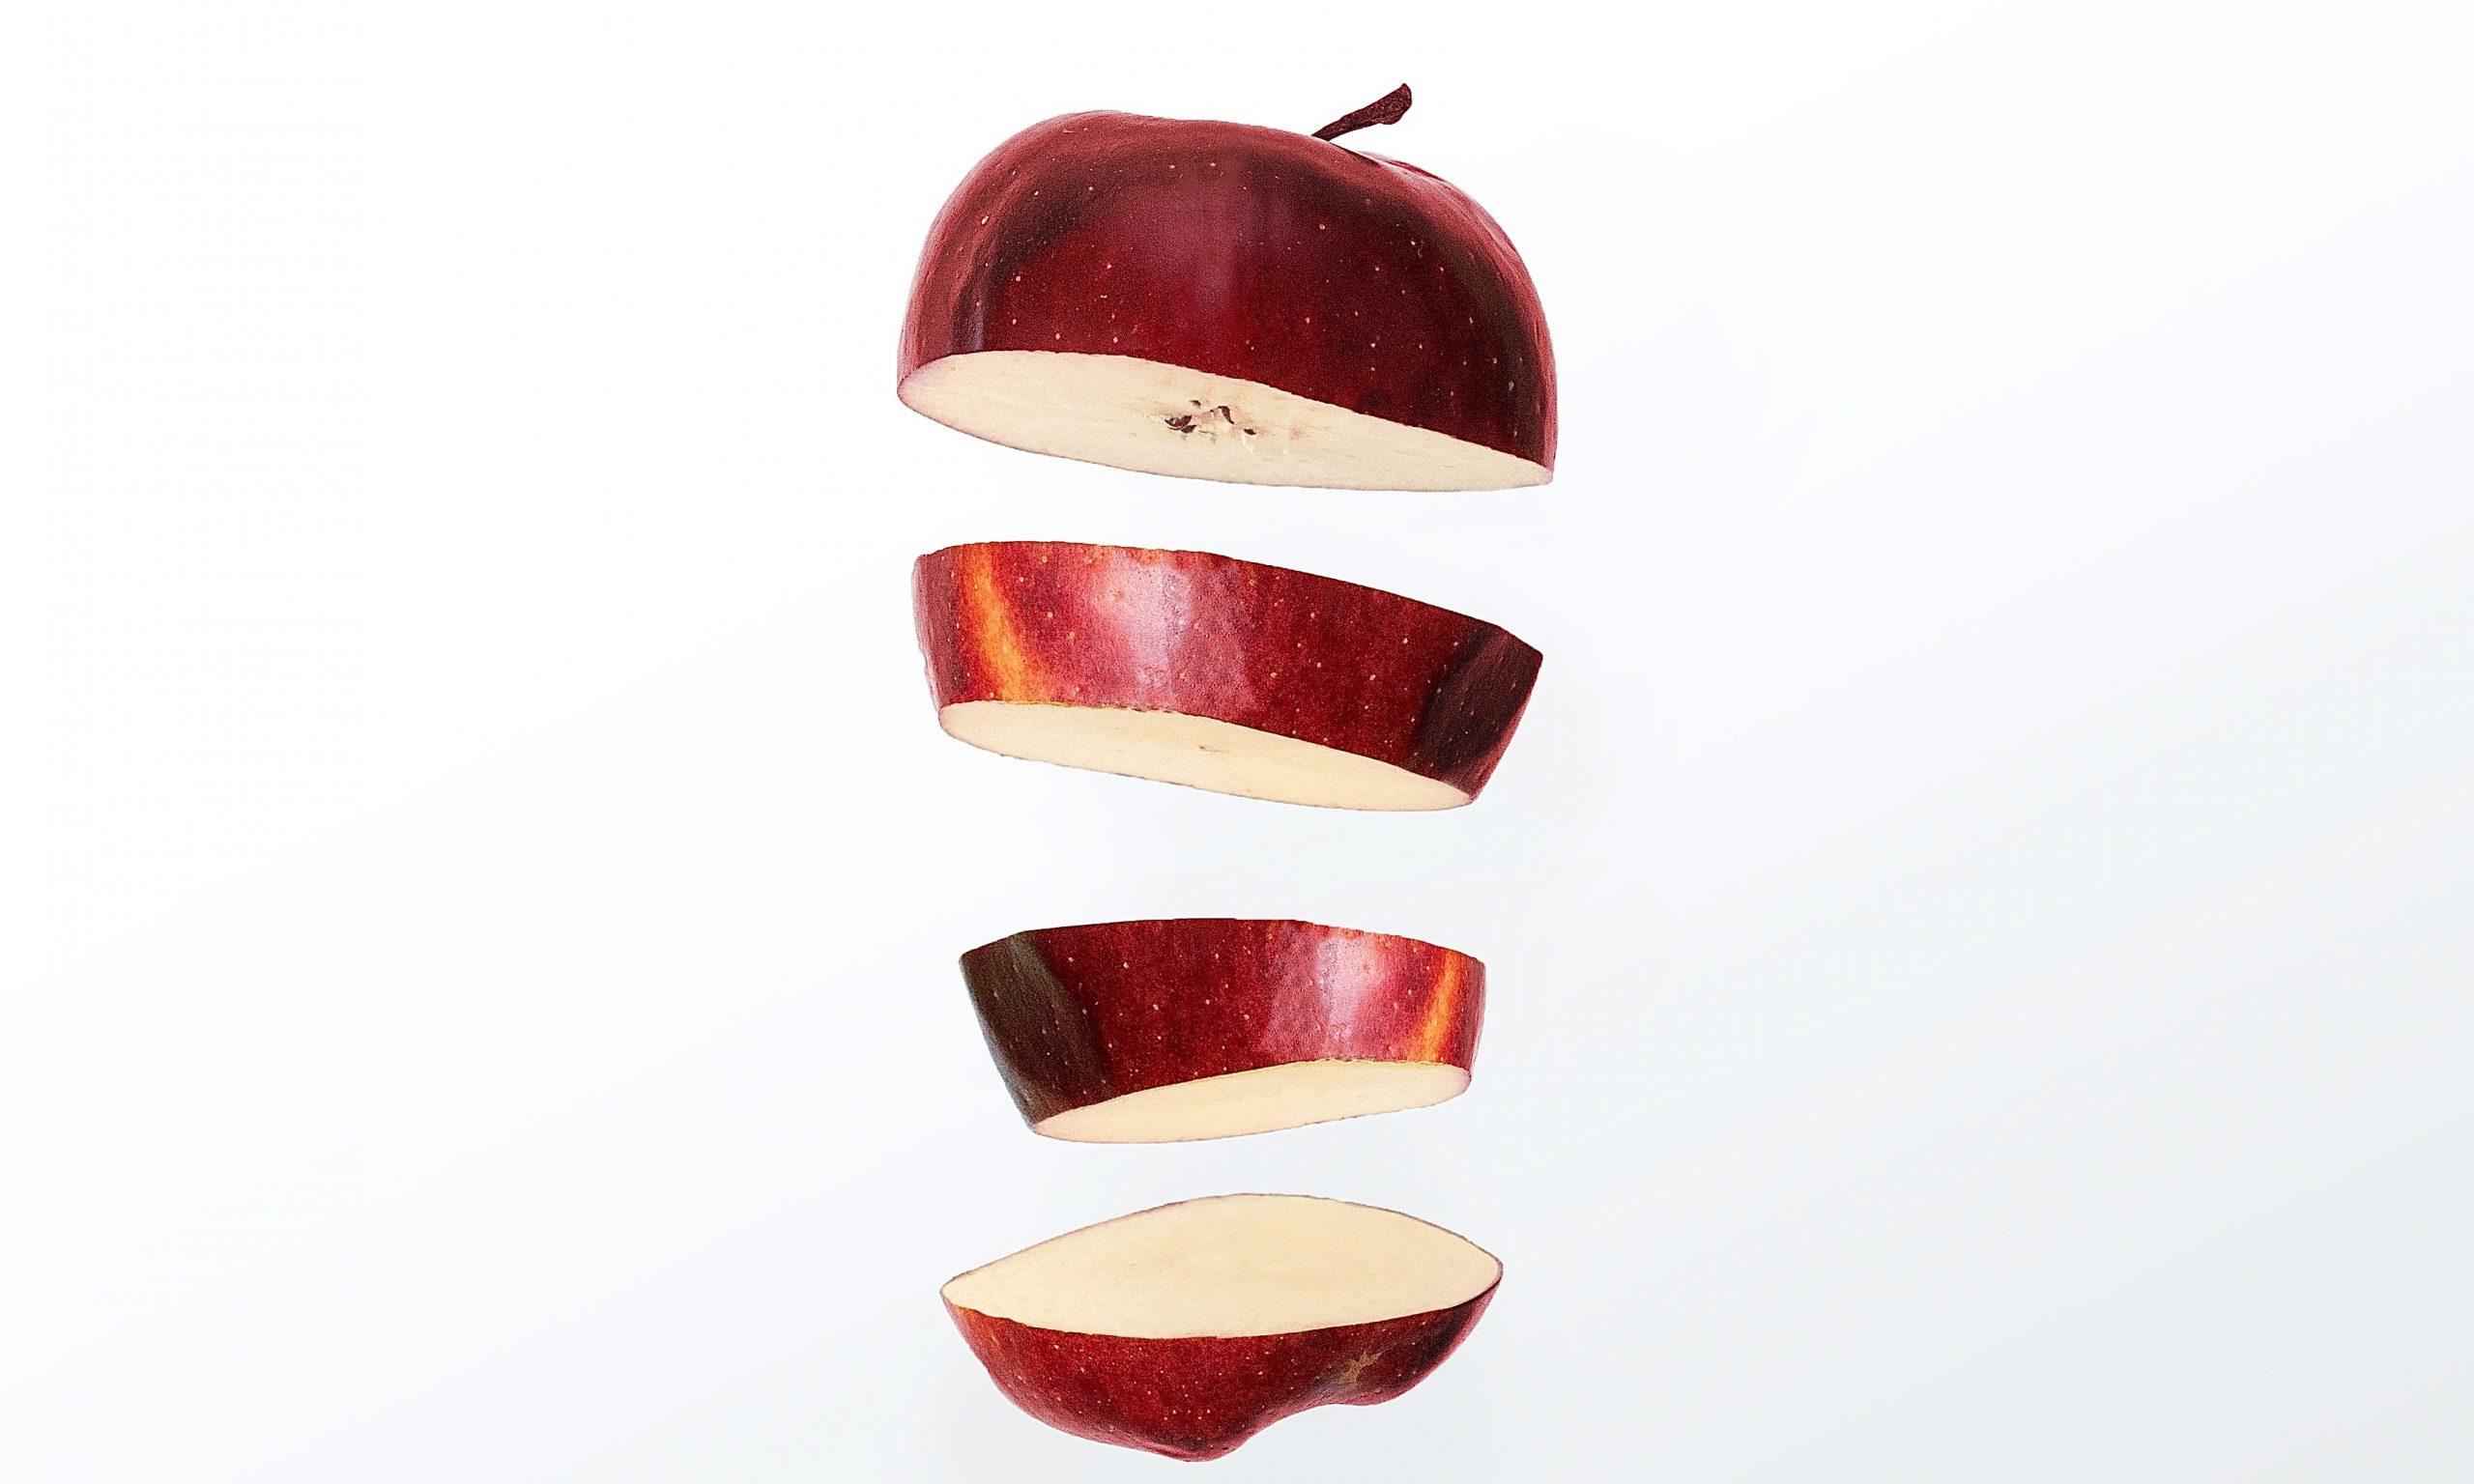 Apfel in vier Teile geschnitten